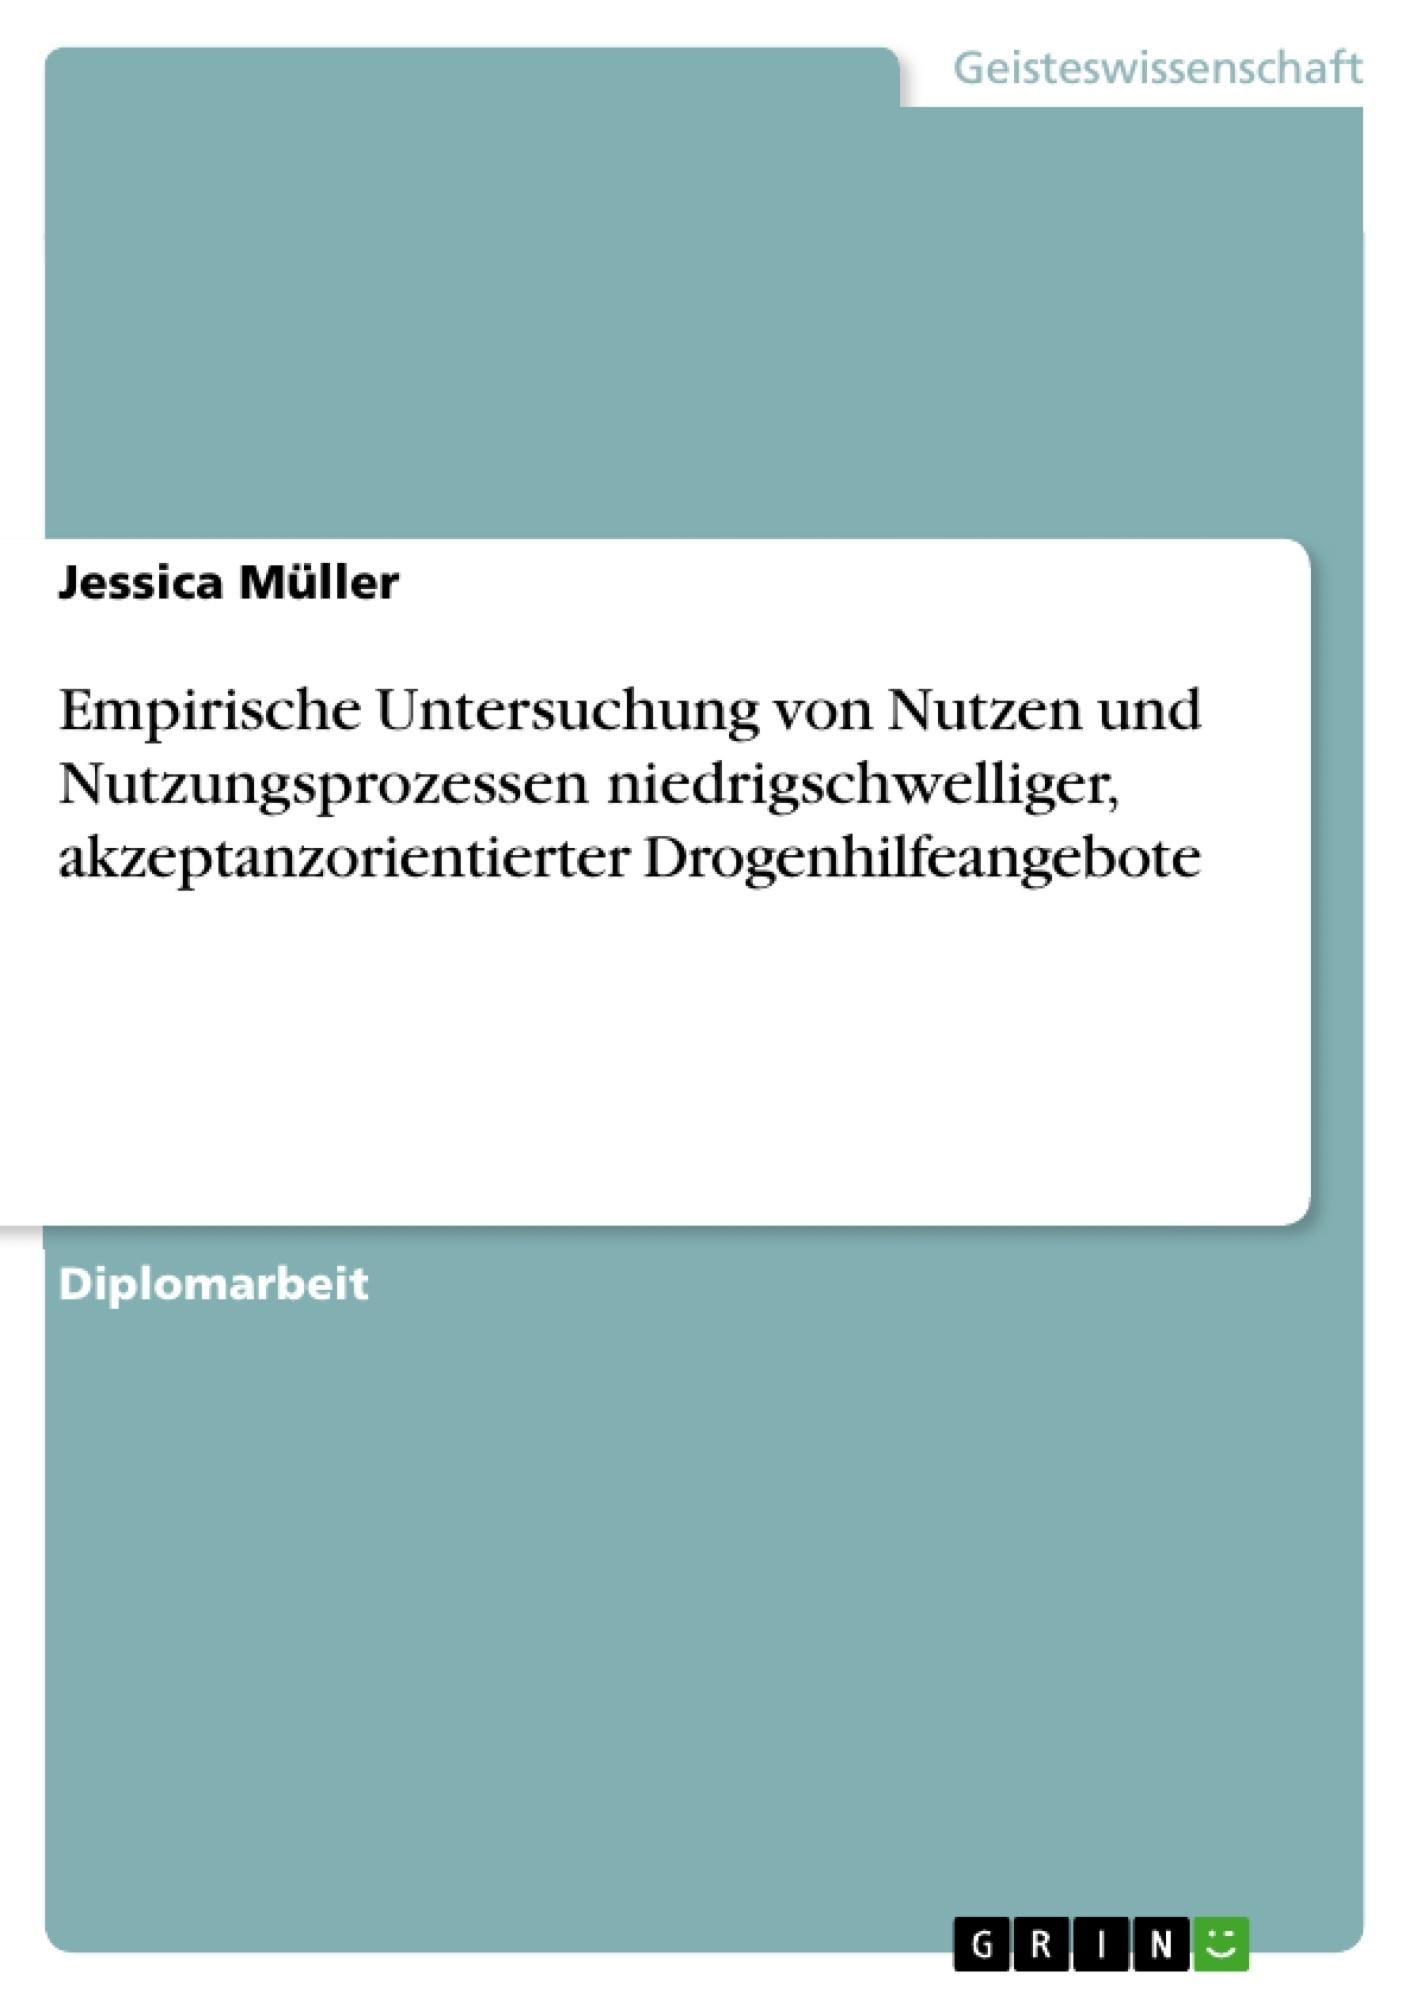 Titel: Empirische Untersuchung von Nutzen und Nutzungsprozessen niedrigschwelliger, akzeptanzorientierter Drogenhilfeangebote